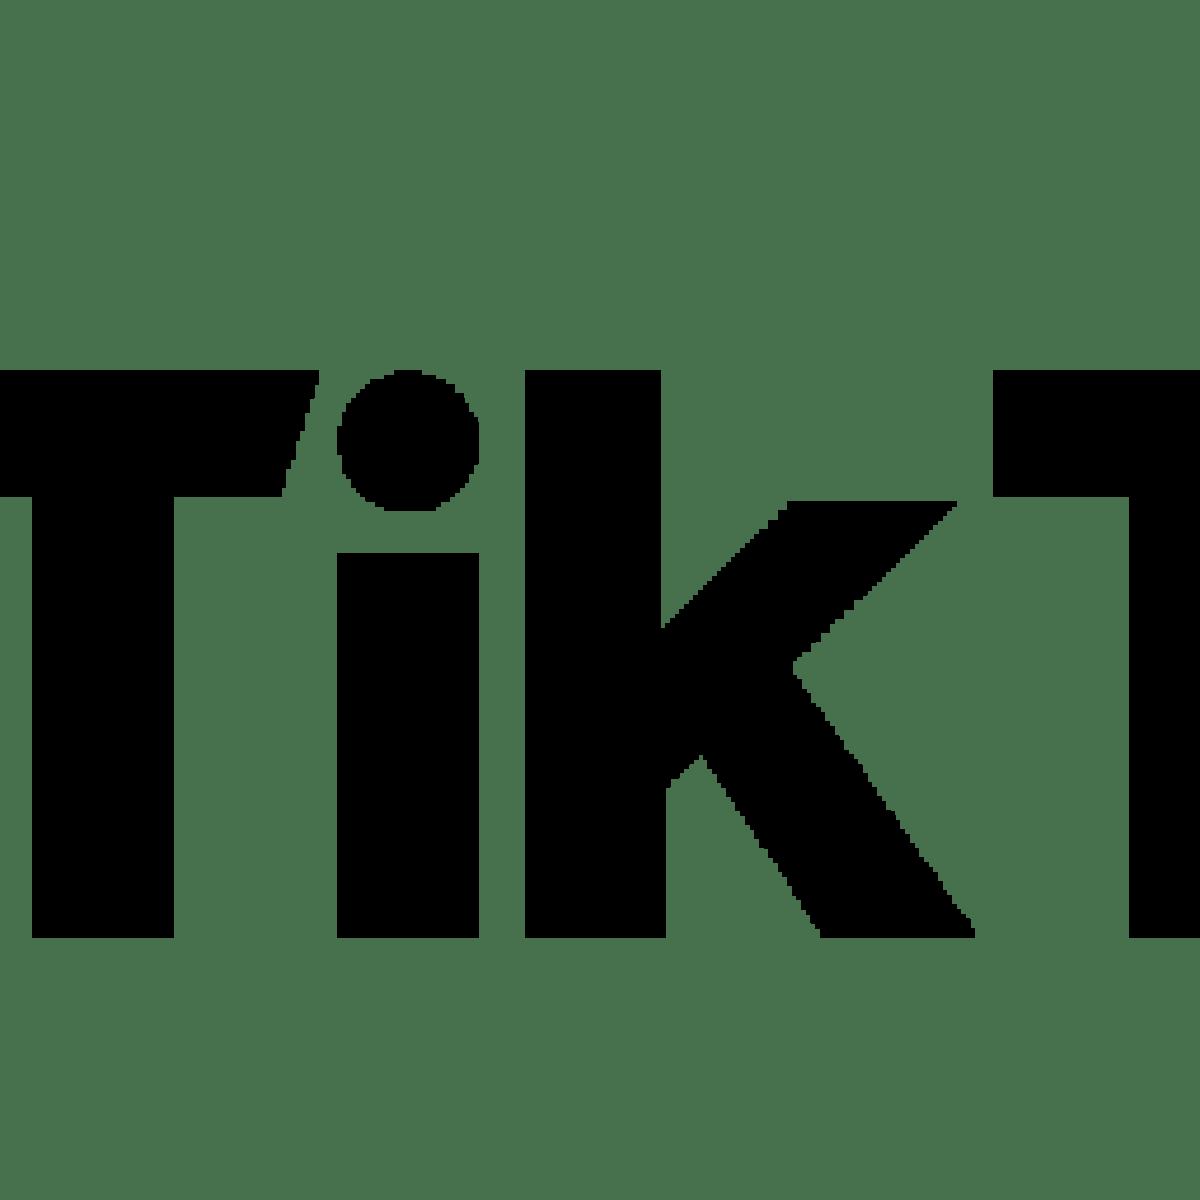 Logos Tiktok Icon Aesthetic Pink Hot Tiktok 2020